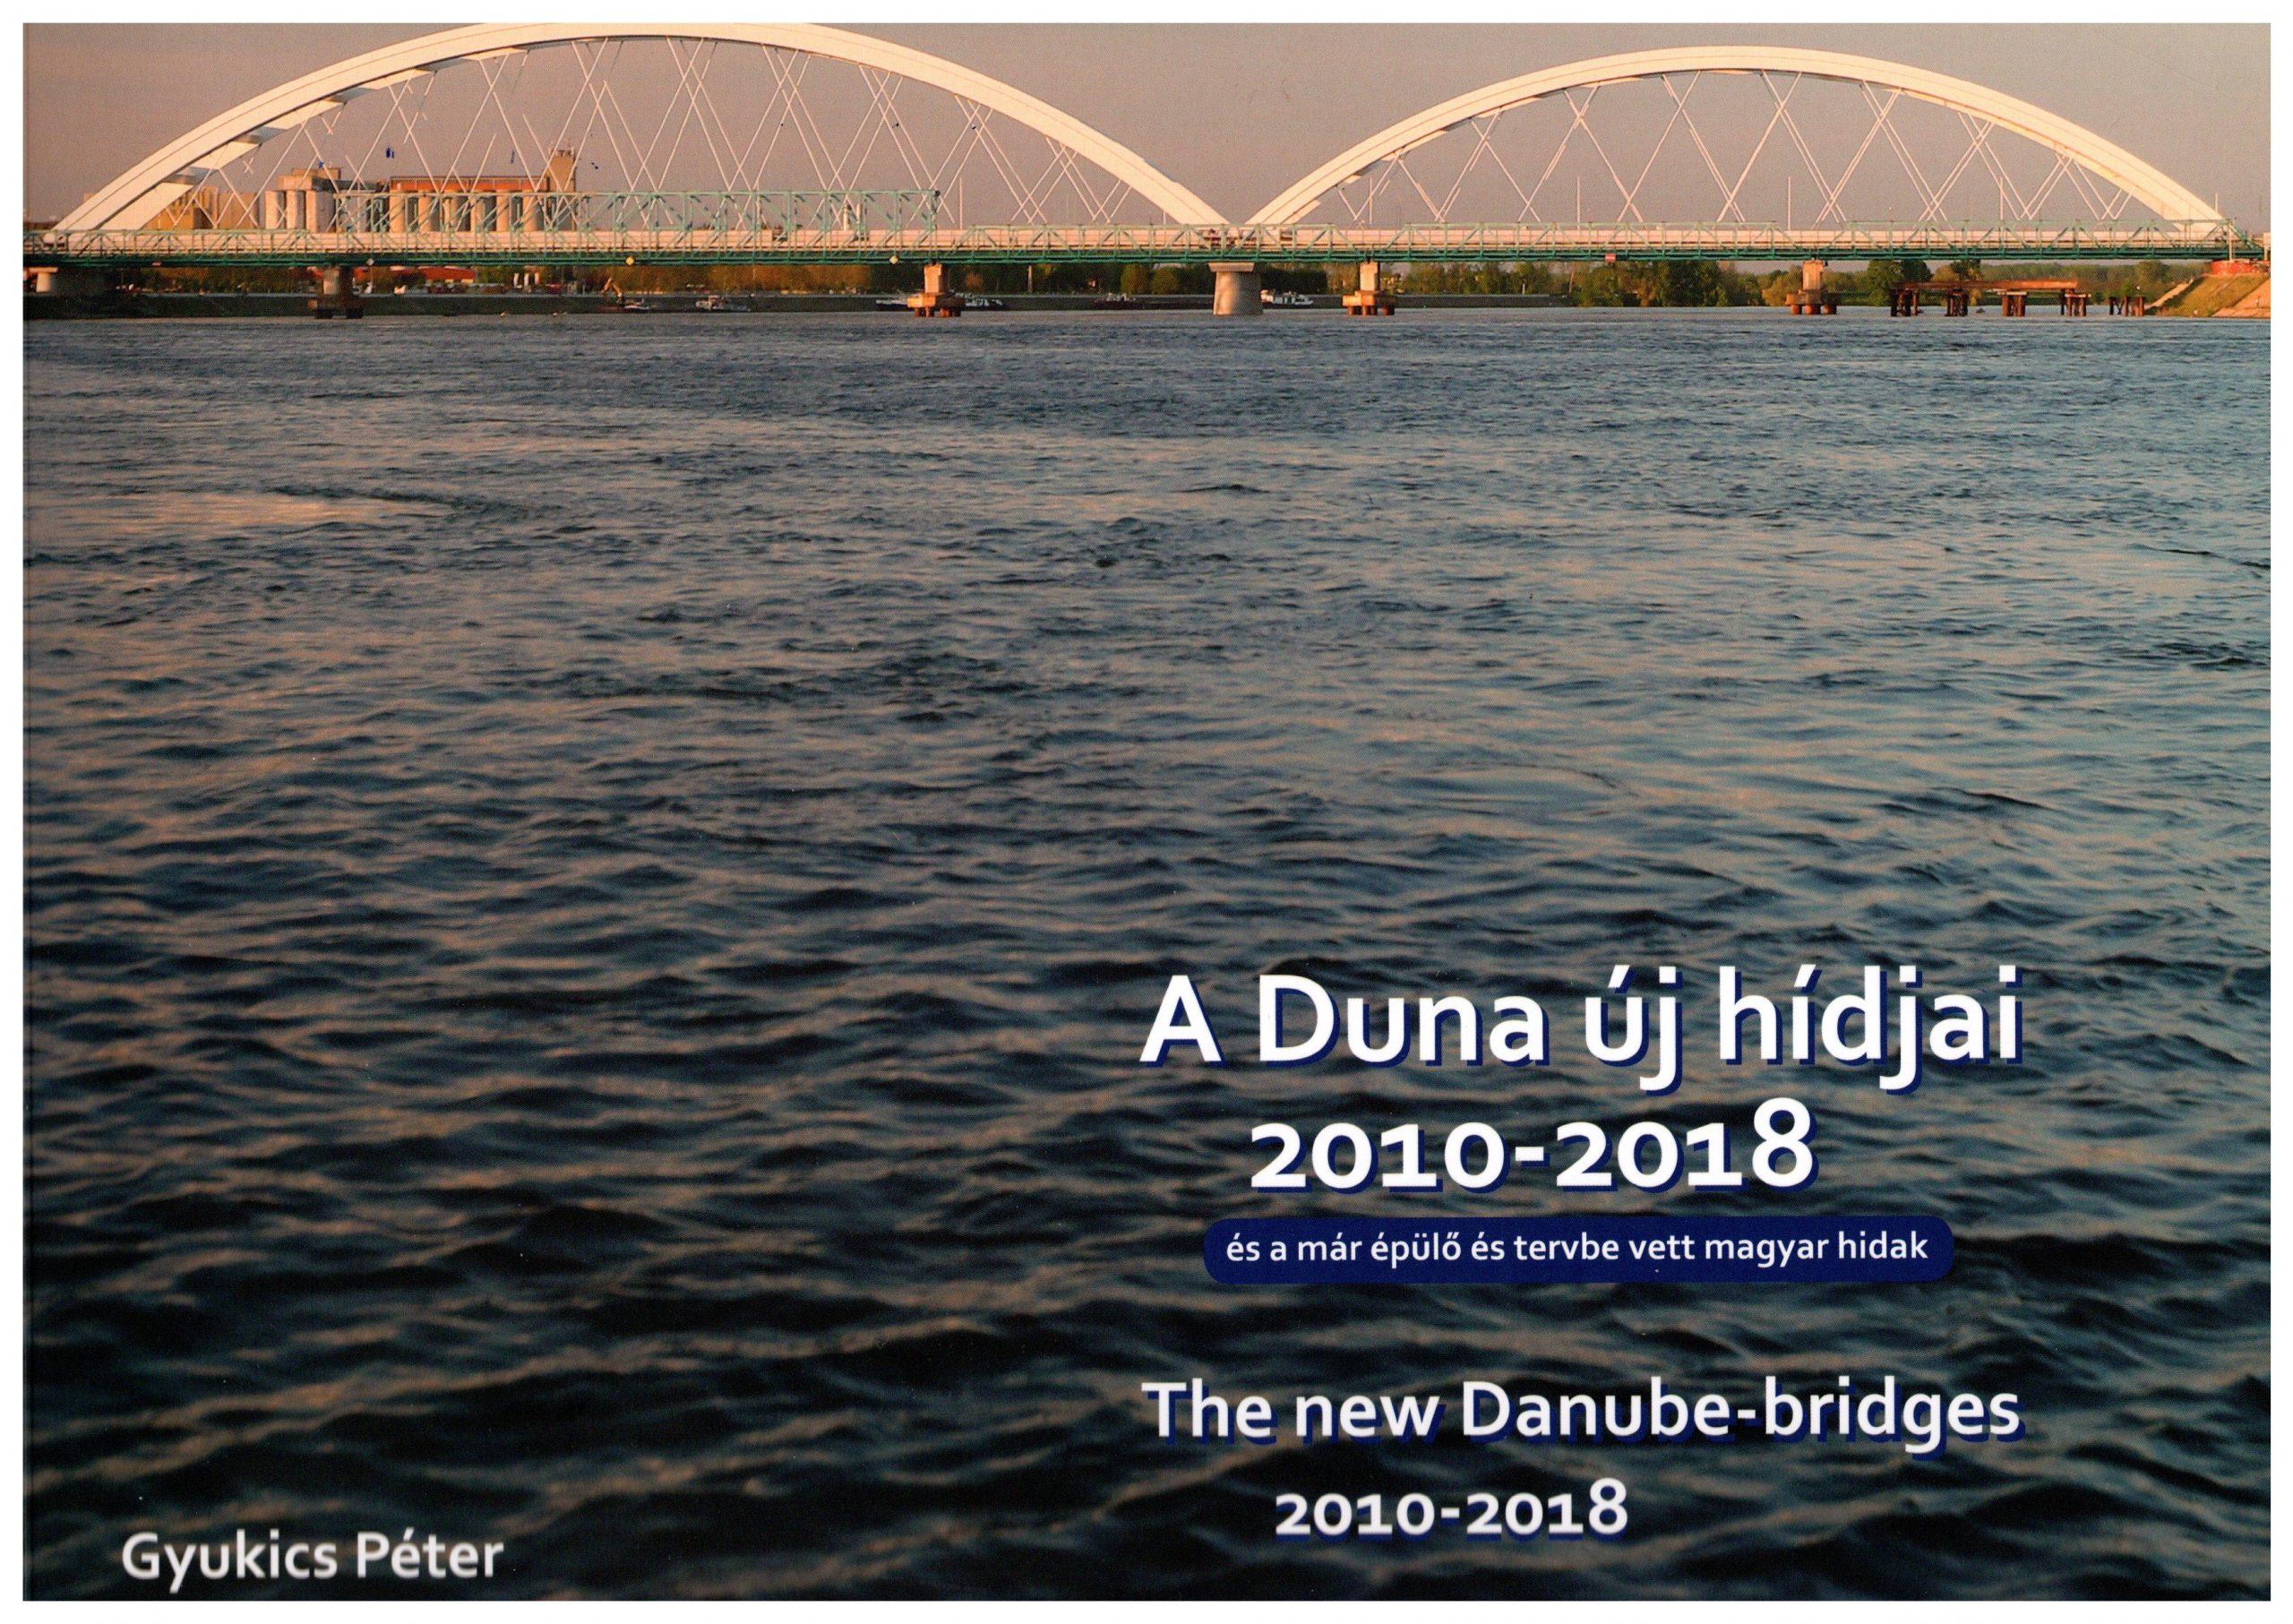 Megjelent A Dunai új hídjai 2010-2018 című kiadvány, Gyukics Péter fotóművész legújabb könyve